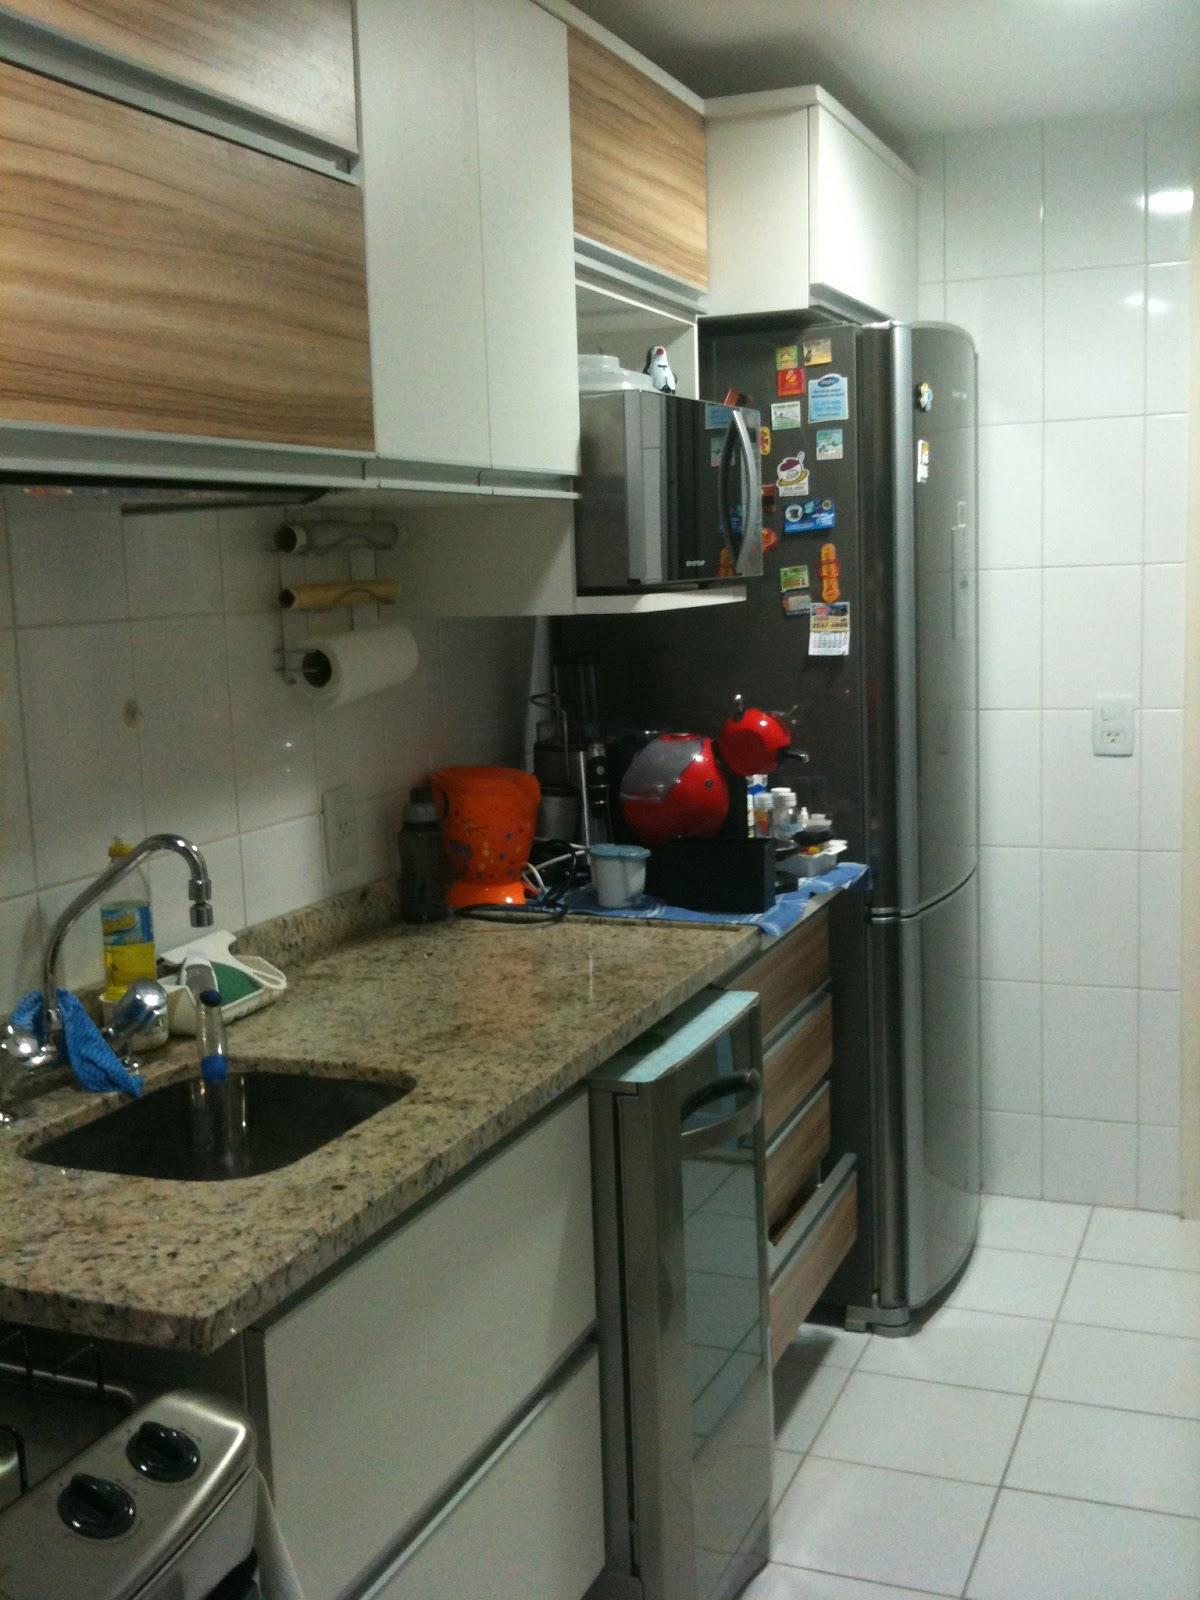 da pia e fogão. Com espaço para o microondas e a lava louças #653F28 1200 1600